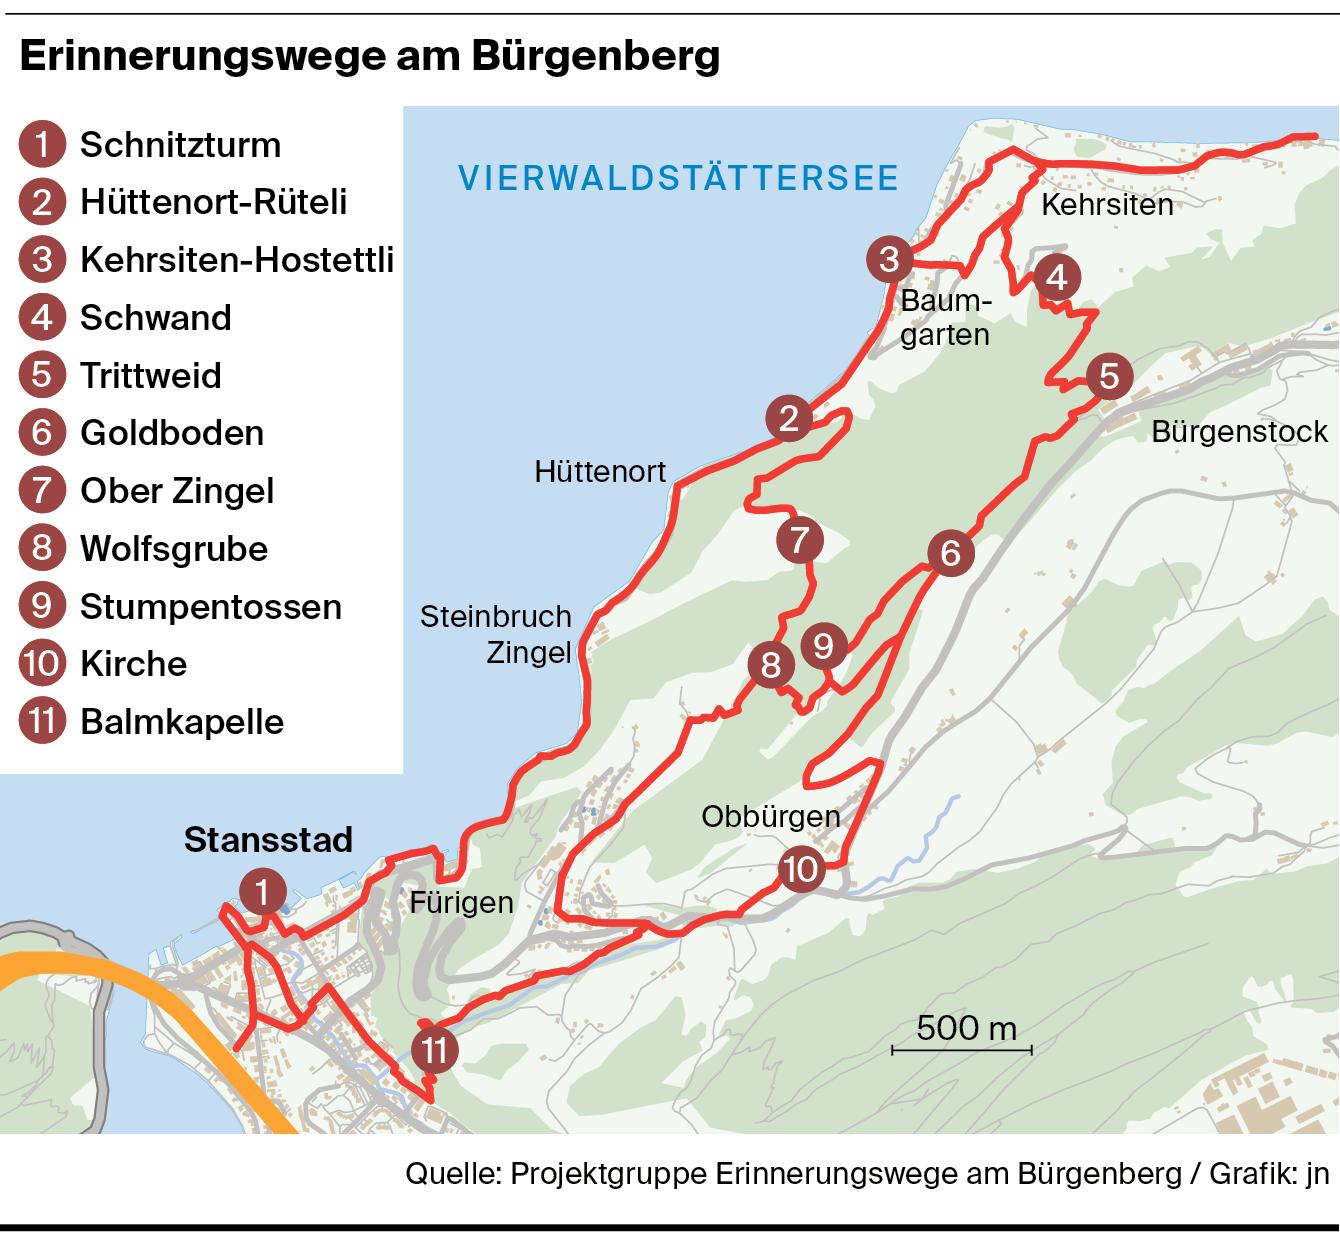 Karte des Erinnerungswegs am Bürgenberg